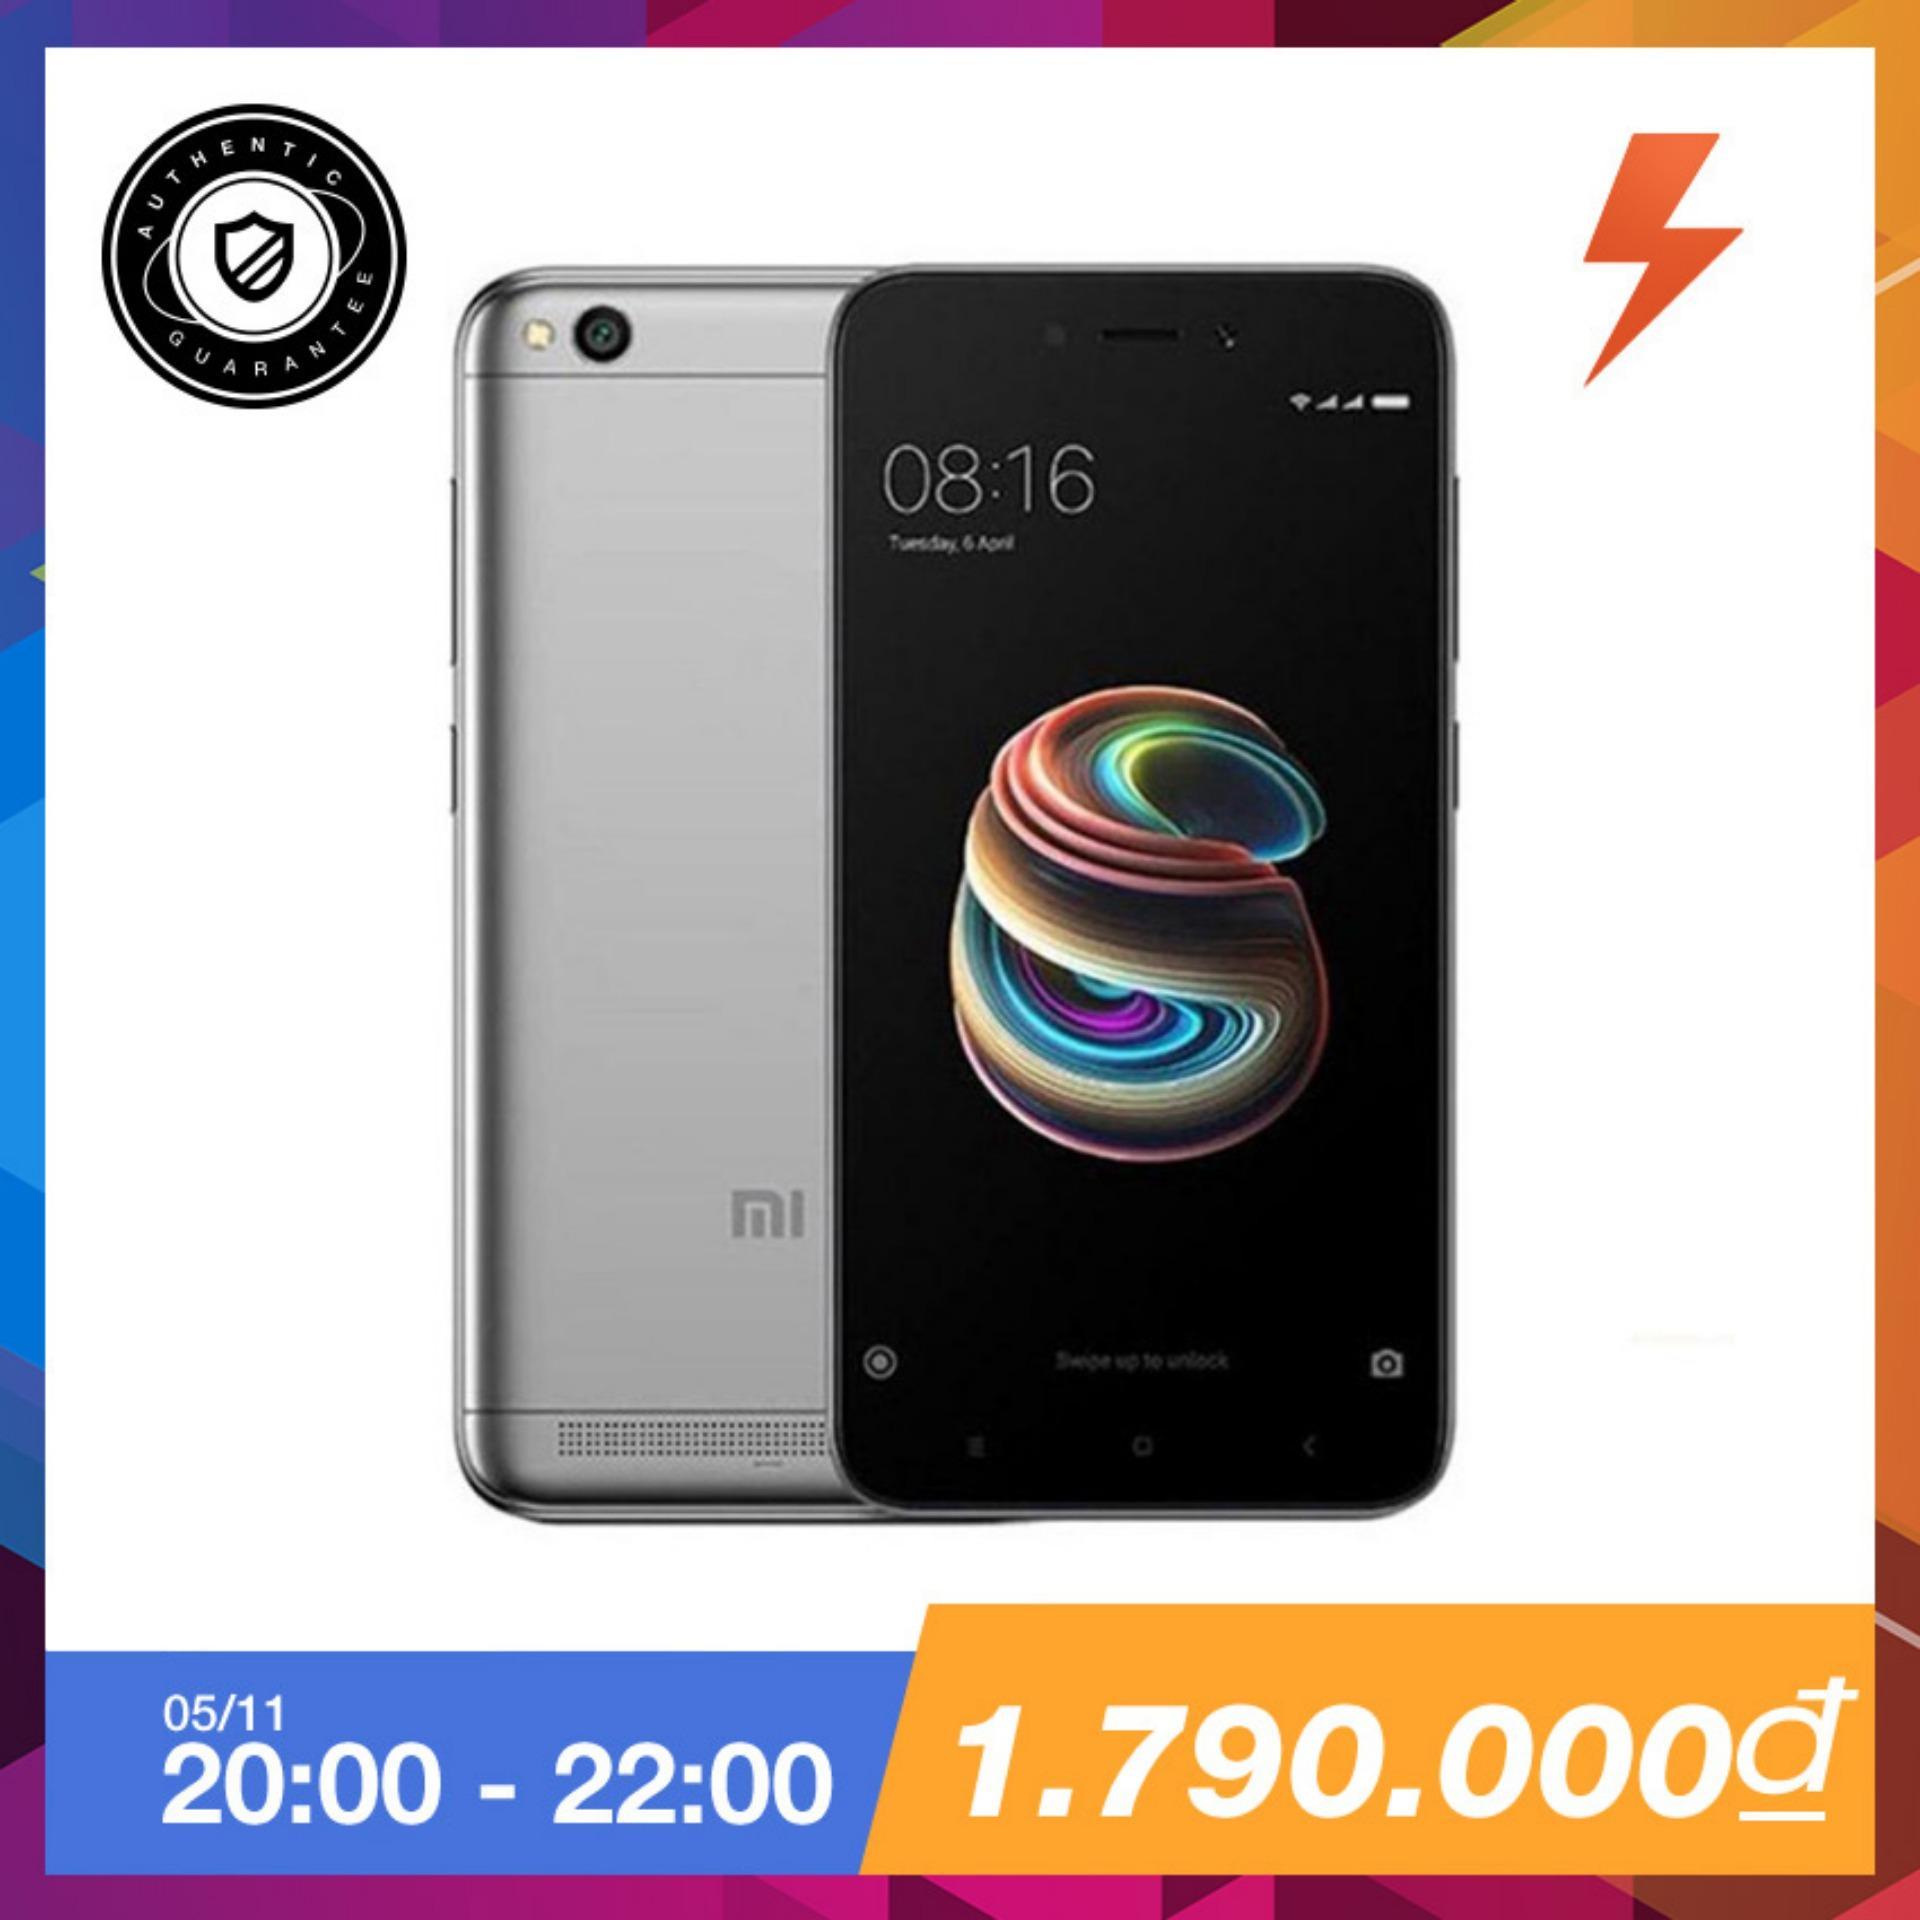 Bán Xiaomi Redmi 5A 16Gb Ram 2Gb Xam Hang Phan Phối Chinh Thức Xiaomi